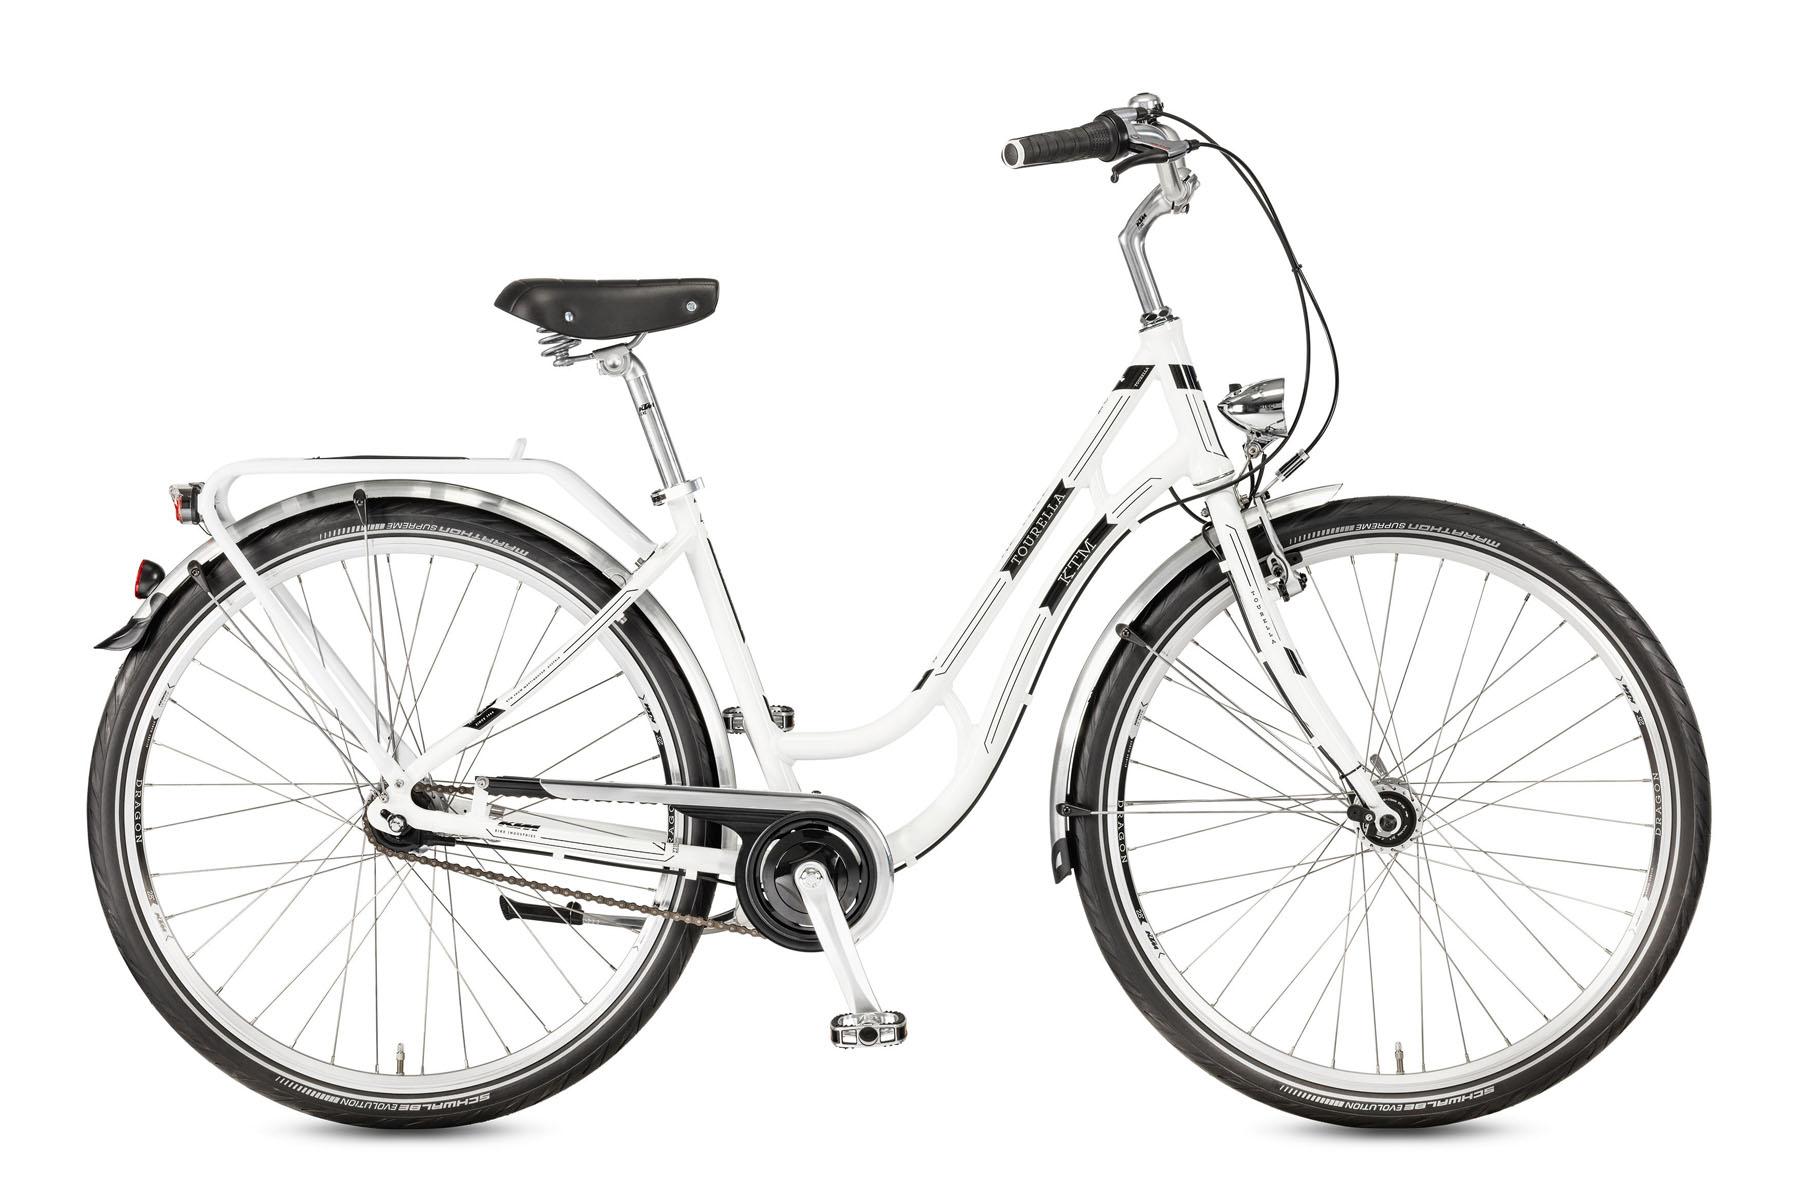 Bicicleta KTM Oras TOURELLA 28.7 Deluxe    7s Nexus/RT 2017